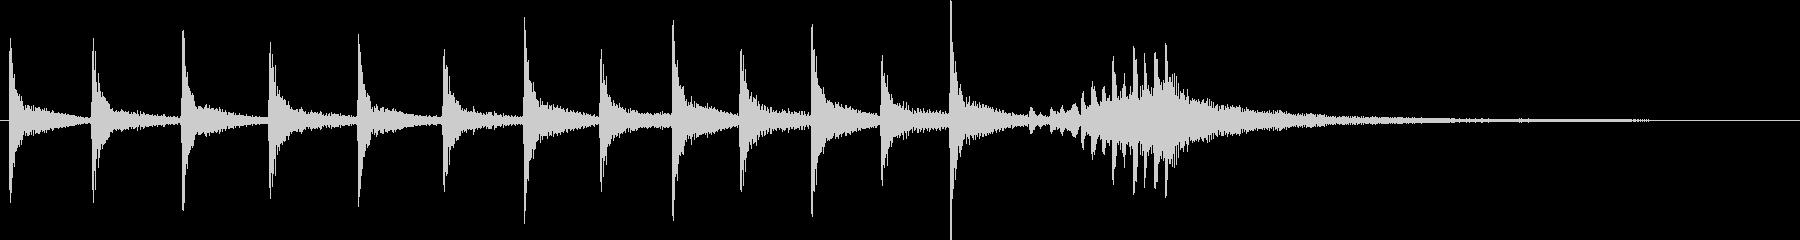 ティンパニファンファーレ:ゲームシ...の未再生の波形